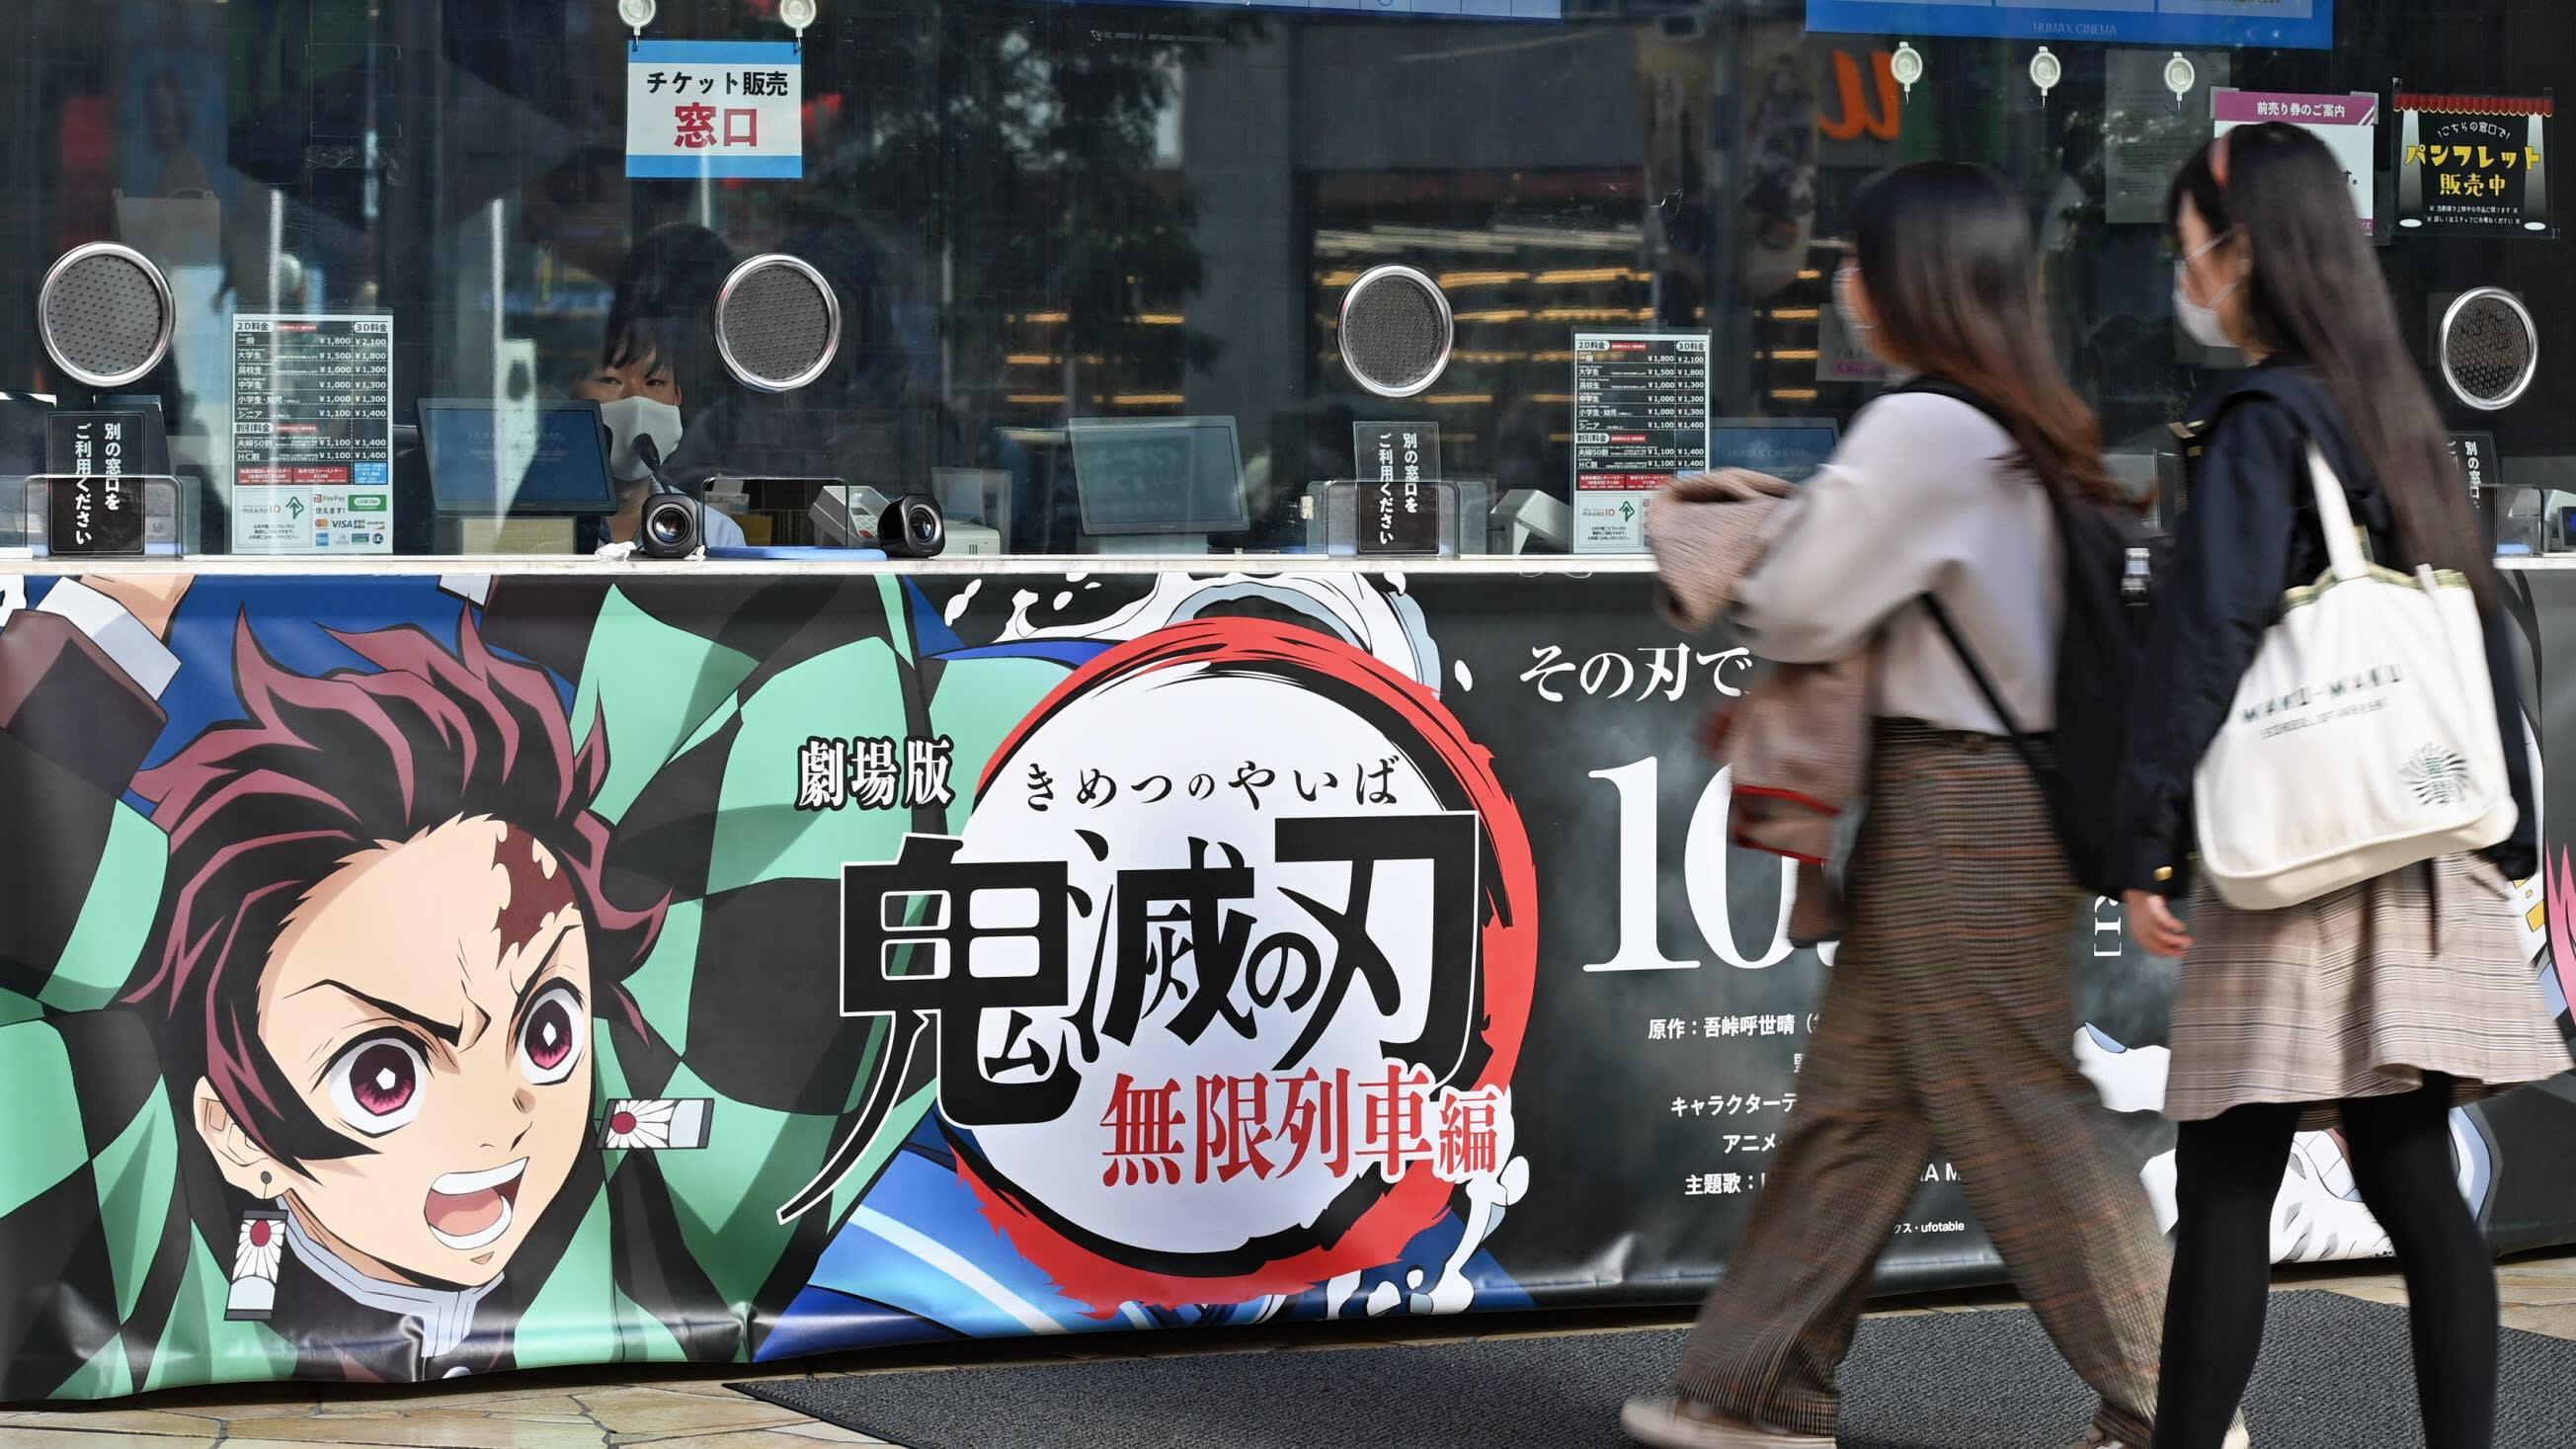 'डेमोन स्लेयर' जापानी फिल्मले व्यापार किर्तिमान बनायो